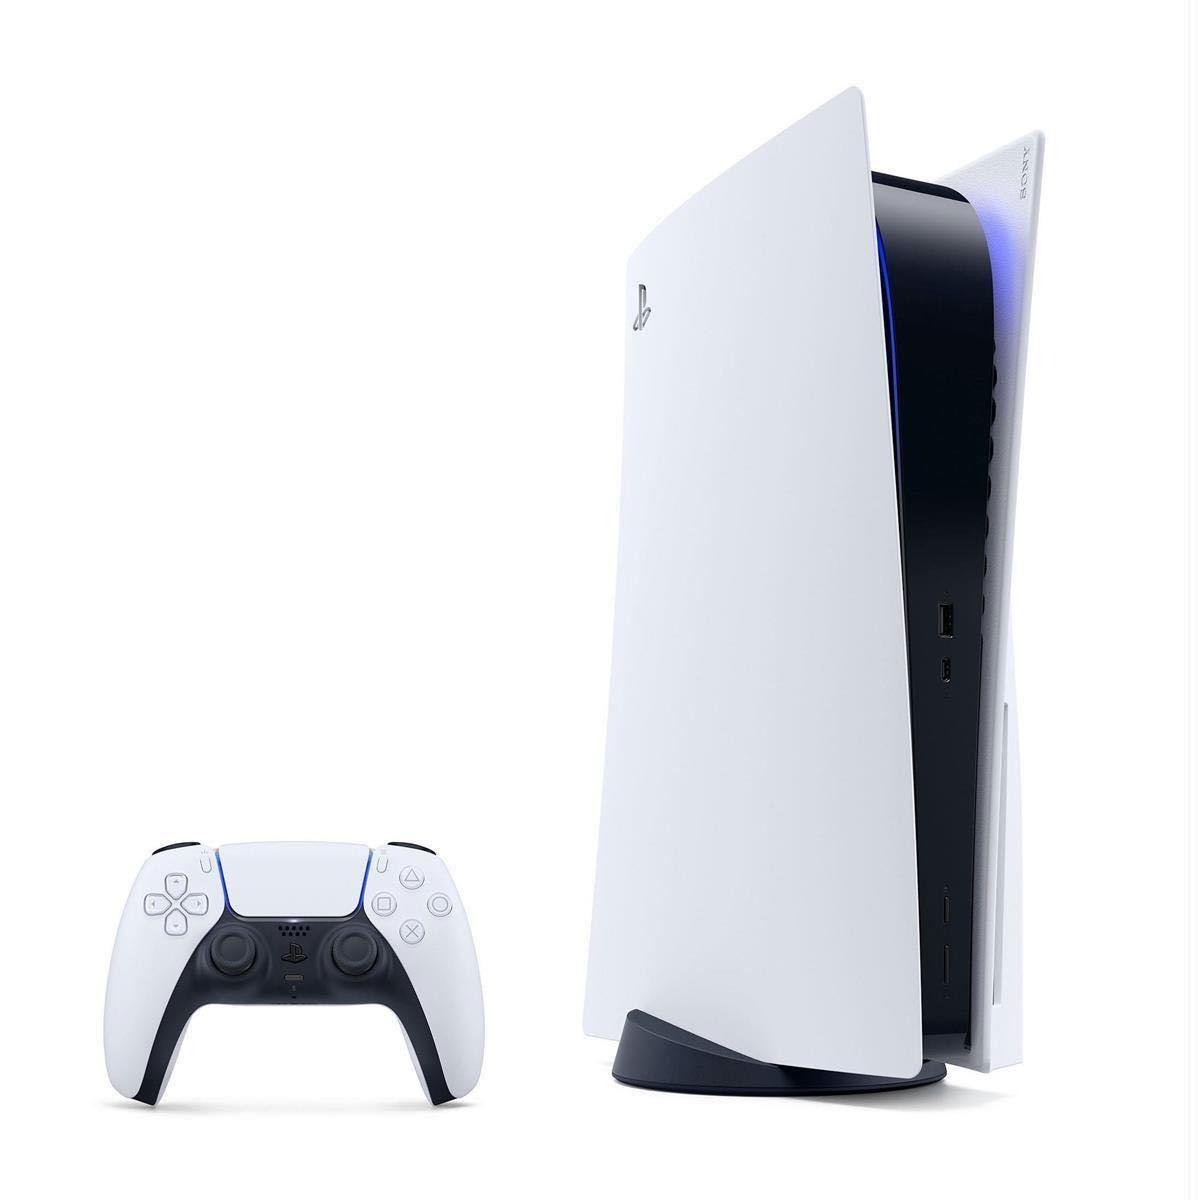 送料無料 新品未開封 PlayStation5 CFI-1000A01 ディスクドライブ PS5 プレステ5 本体 SONY 8K 4K HDR メーカー保証1年付き